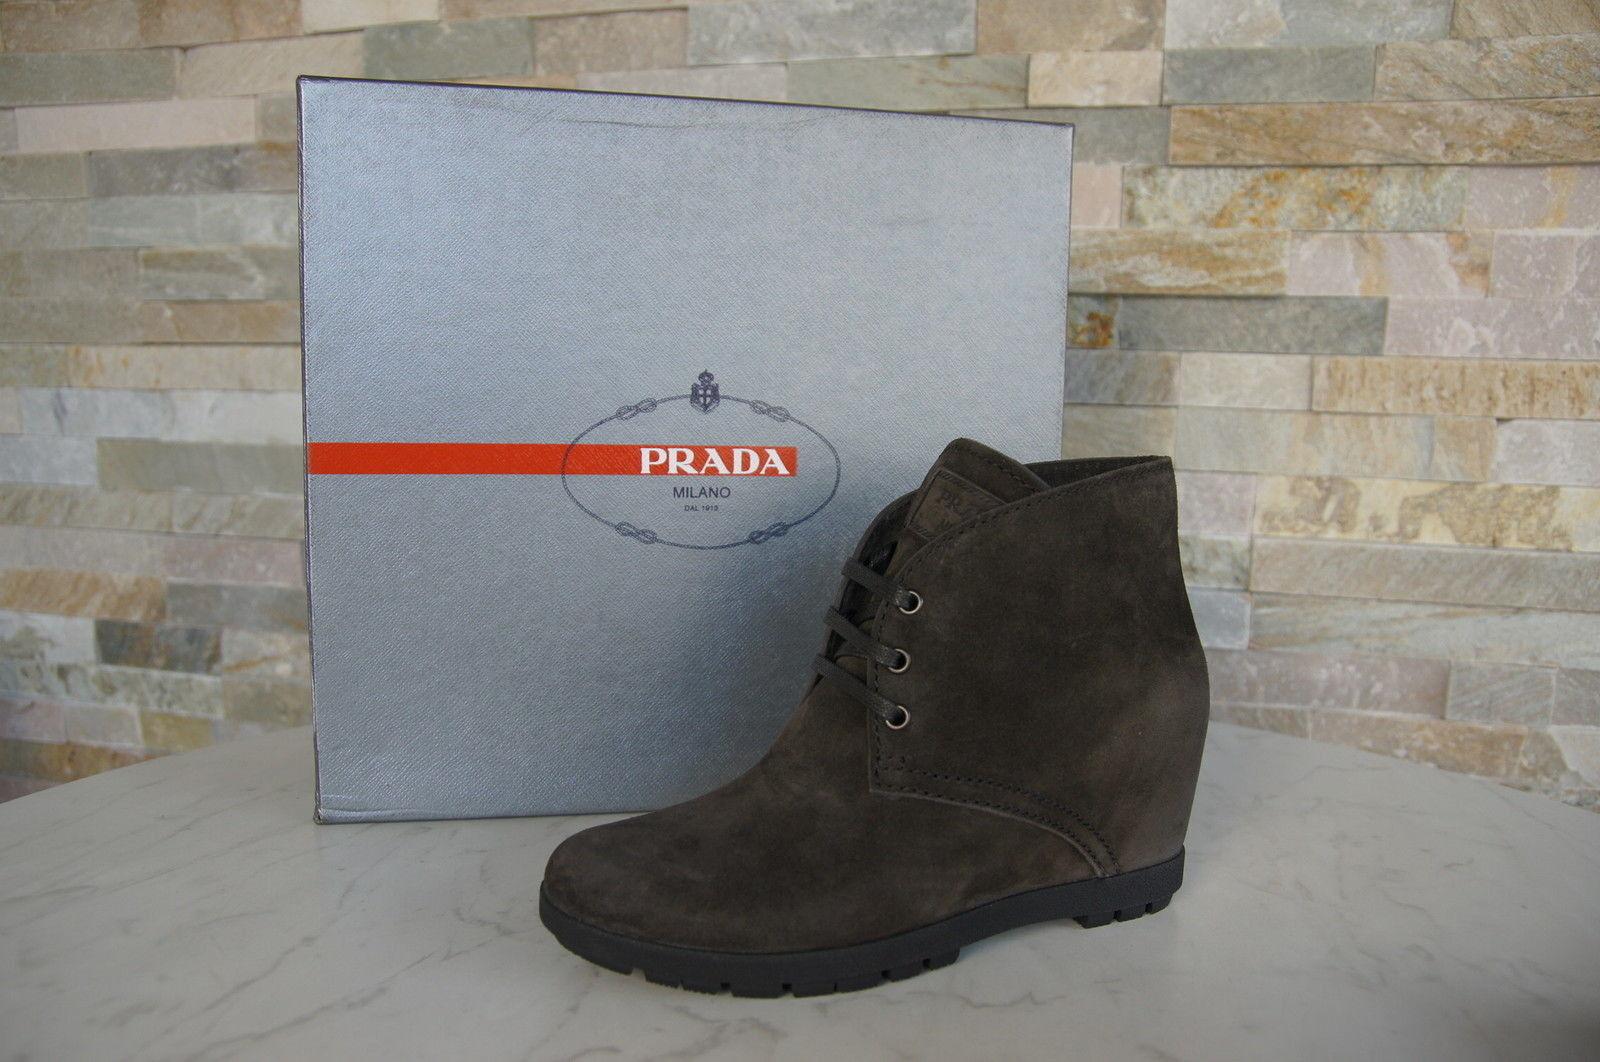 Prada talla 38 botines zapatos botitas schnürzapatos hämathit nuevo ex ex ex PVP  autorización oficial